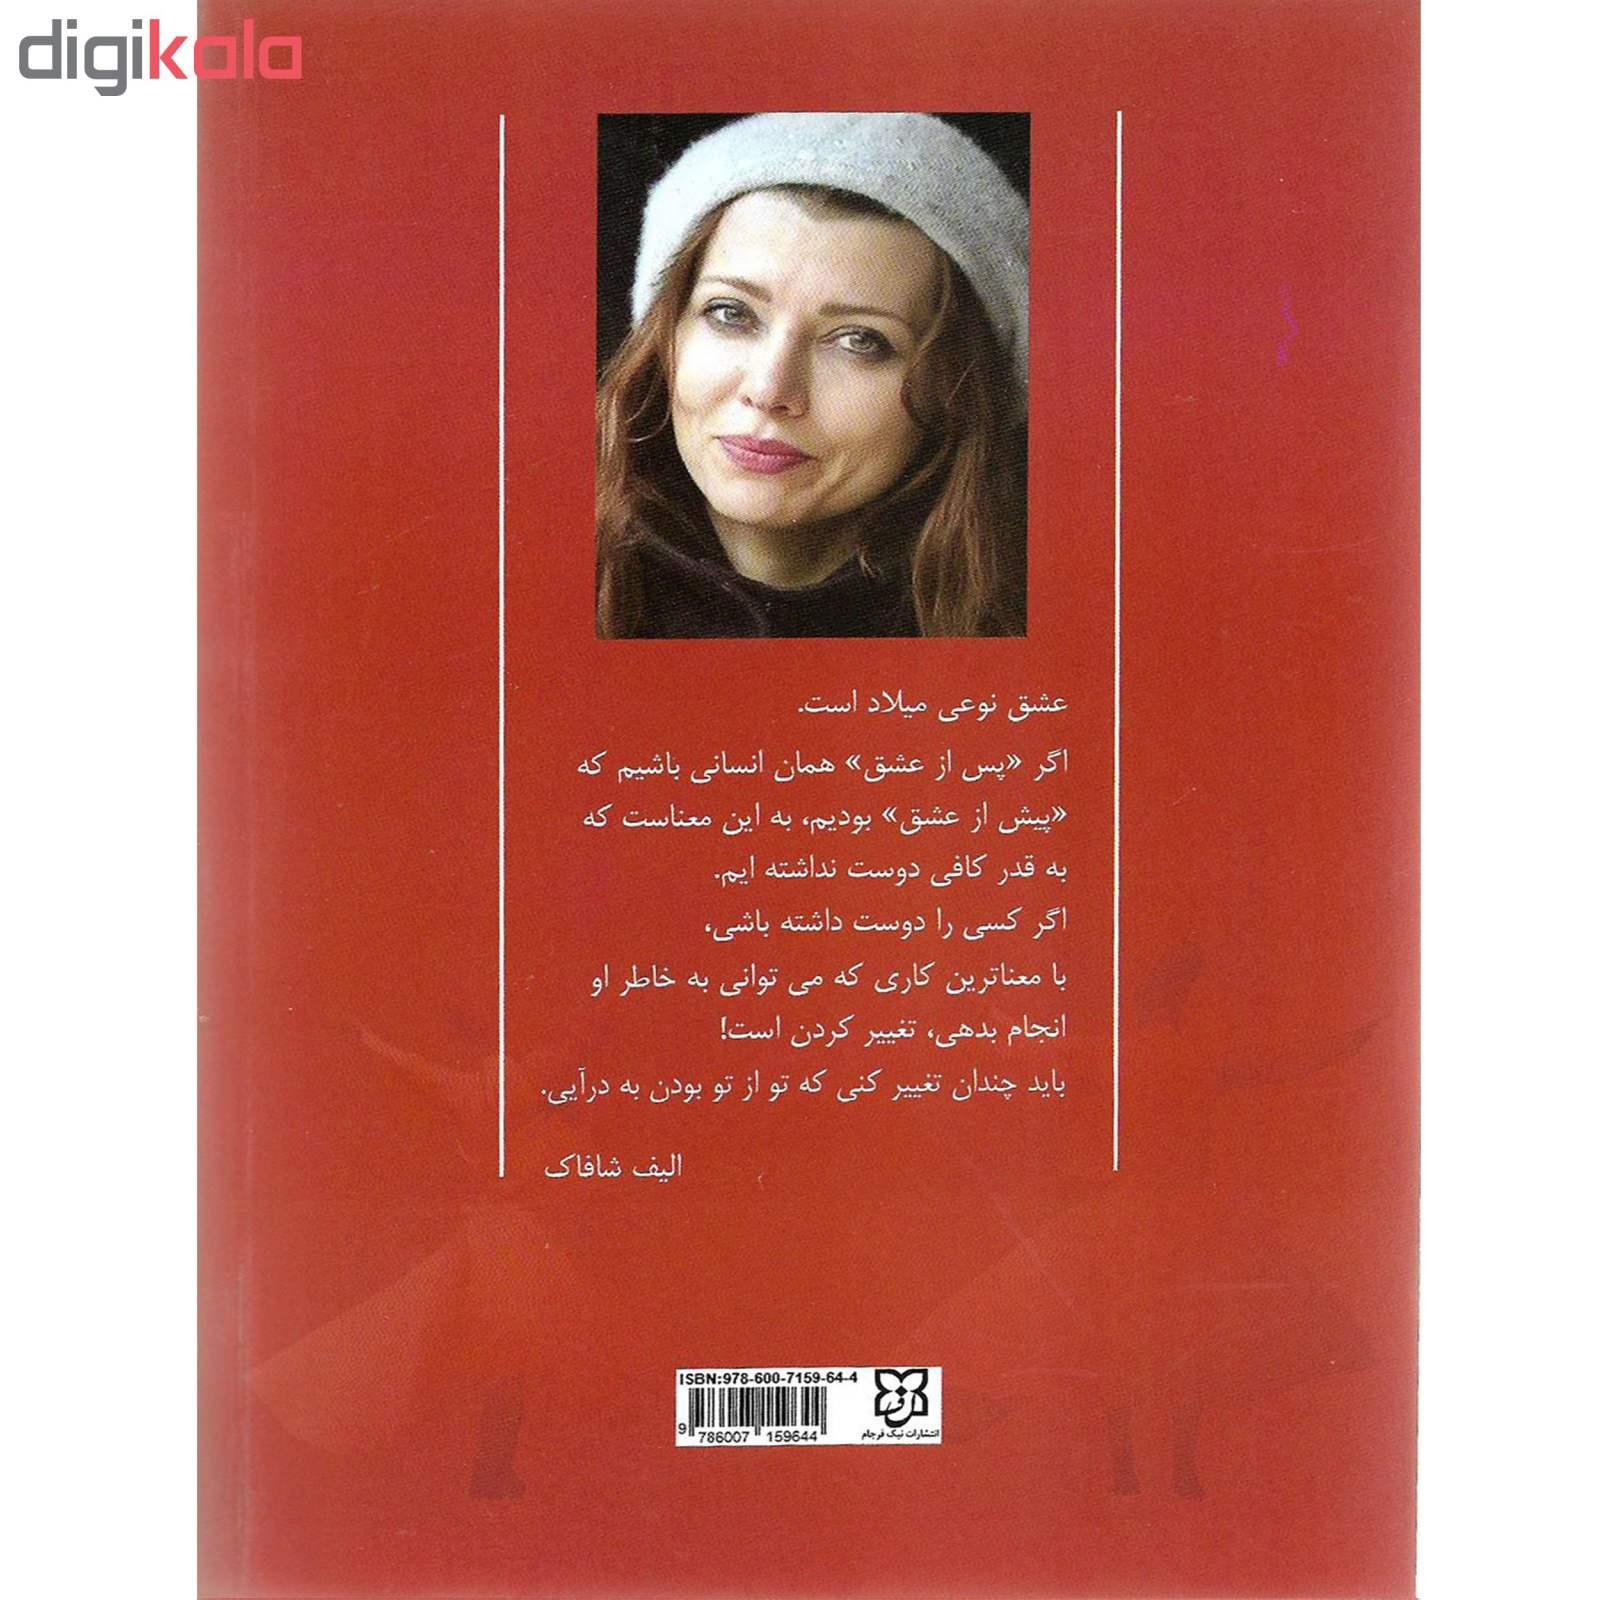 کتاب ملت عشق اثر الیف شافاک نشر نیک فرجام main 1 2